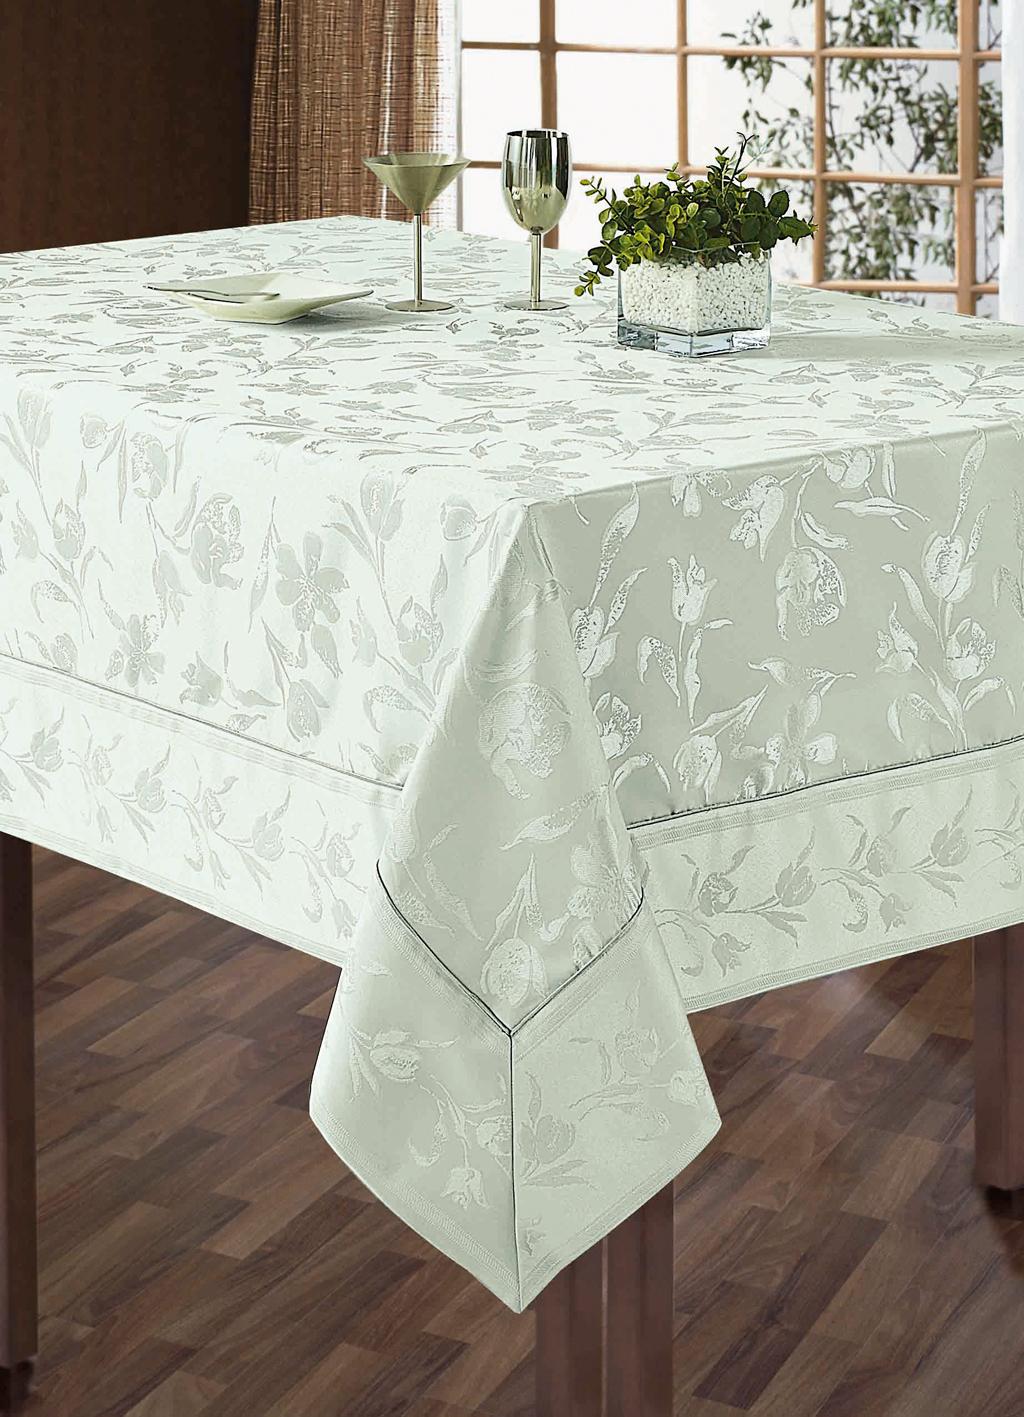 Комплект столового белья SL, цвет: белый, 7 предметов. 10109VT-1520(SR)Роскошный комплект столового белья SL состоит из скатерти прямоугольной формы и 6 квадратных салфеток. Комплект выполнен из жаккарда с изящным цветочным рисунком. Комплект, несомненно, придаст интерьеру уют и внесет что-то новое. Использование такого комплекта сделает застолье более торжественным, поднимет настроение гостей и приятно удивит их вашим изысканным вкусом. Вы можете использовать этот комплект для повседневной трапезы, превратив каждый прием пищи в волшебный праздник и веселье.Жаккард - это гладкая, безворсовая ткань сложного плетения, в состав которой входят как синтетические, так и органические волокна. У белья из жаккардовой ткани гладкая и приятная на ощупь фактура. Его контурный рисунок, созданный благодаря особому плетению, выглядит дорого и изящно. Здесь воссоединились блеск шелка и уютная мягкость хлопка. Жаккардовые ткани очень прочны и долговечны, очень удобны в эксплуатации. Скатерть - 1 шт. Размер: 180 см х 210 см. Салфетки - 6 шт. Размер: 40 см х 40 см.Комплект упакован в красивую подарочную коробку.